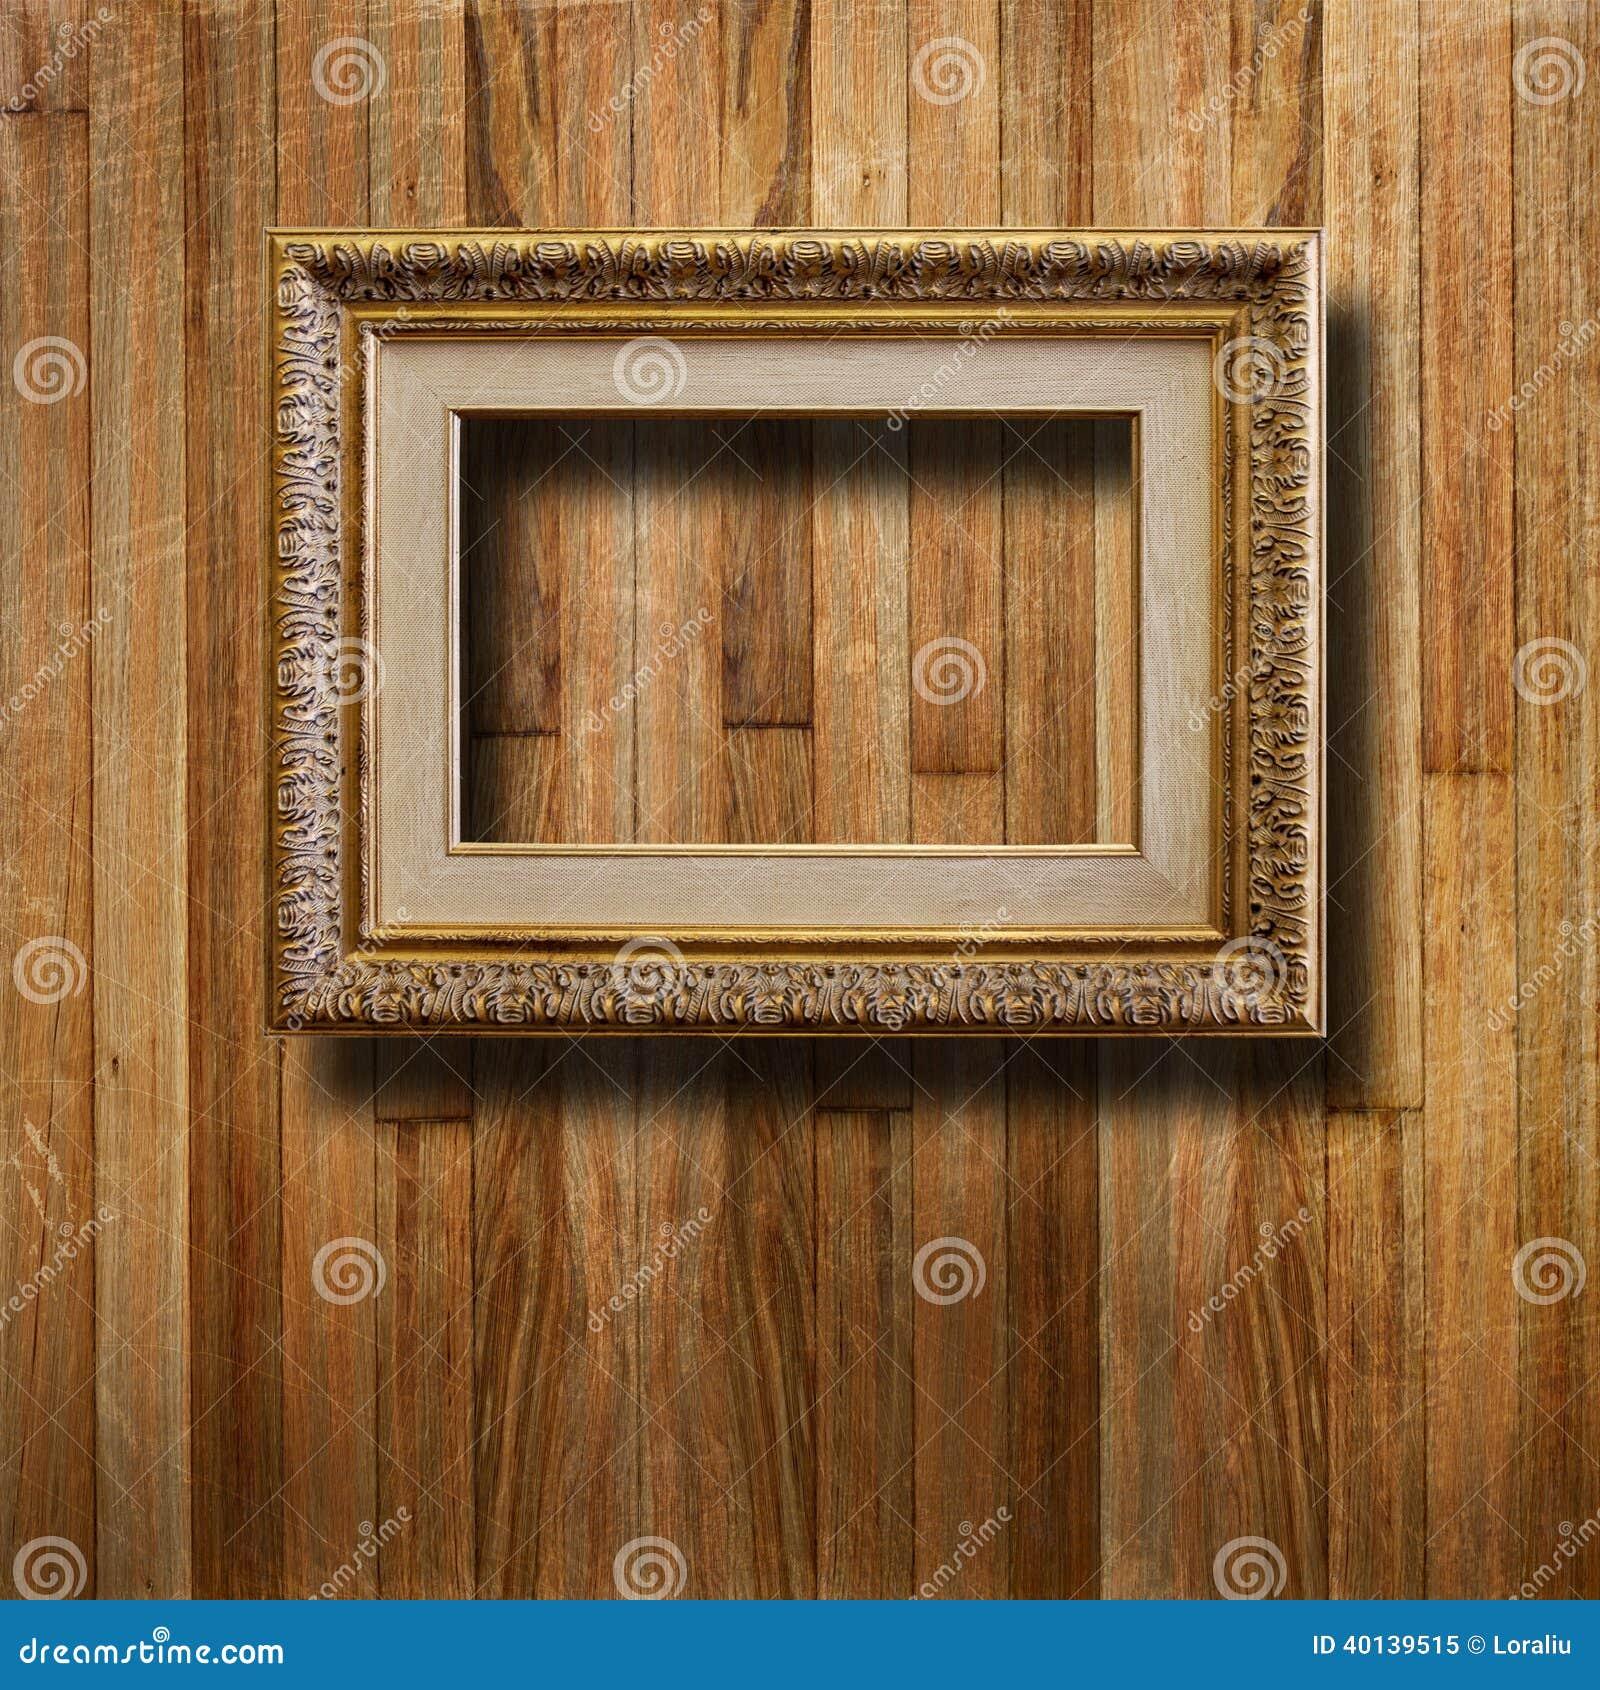 Vieux cadre de tableau dor pour le portrait photo stock - Image de cadre de tableau ...